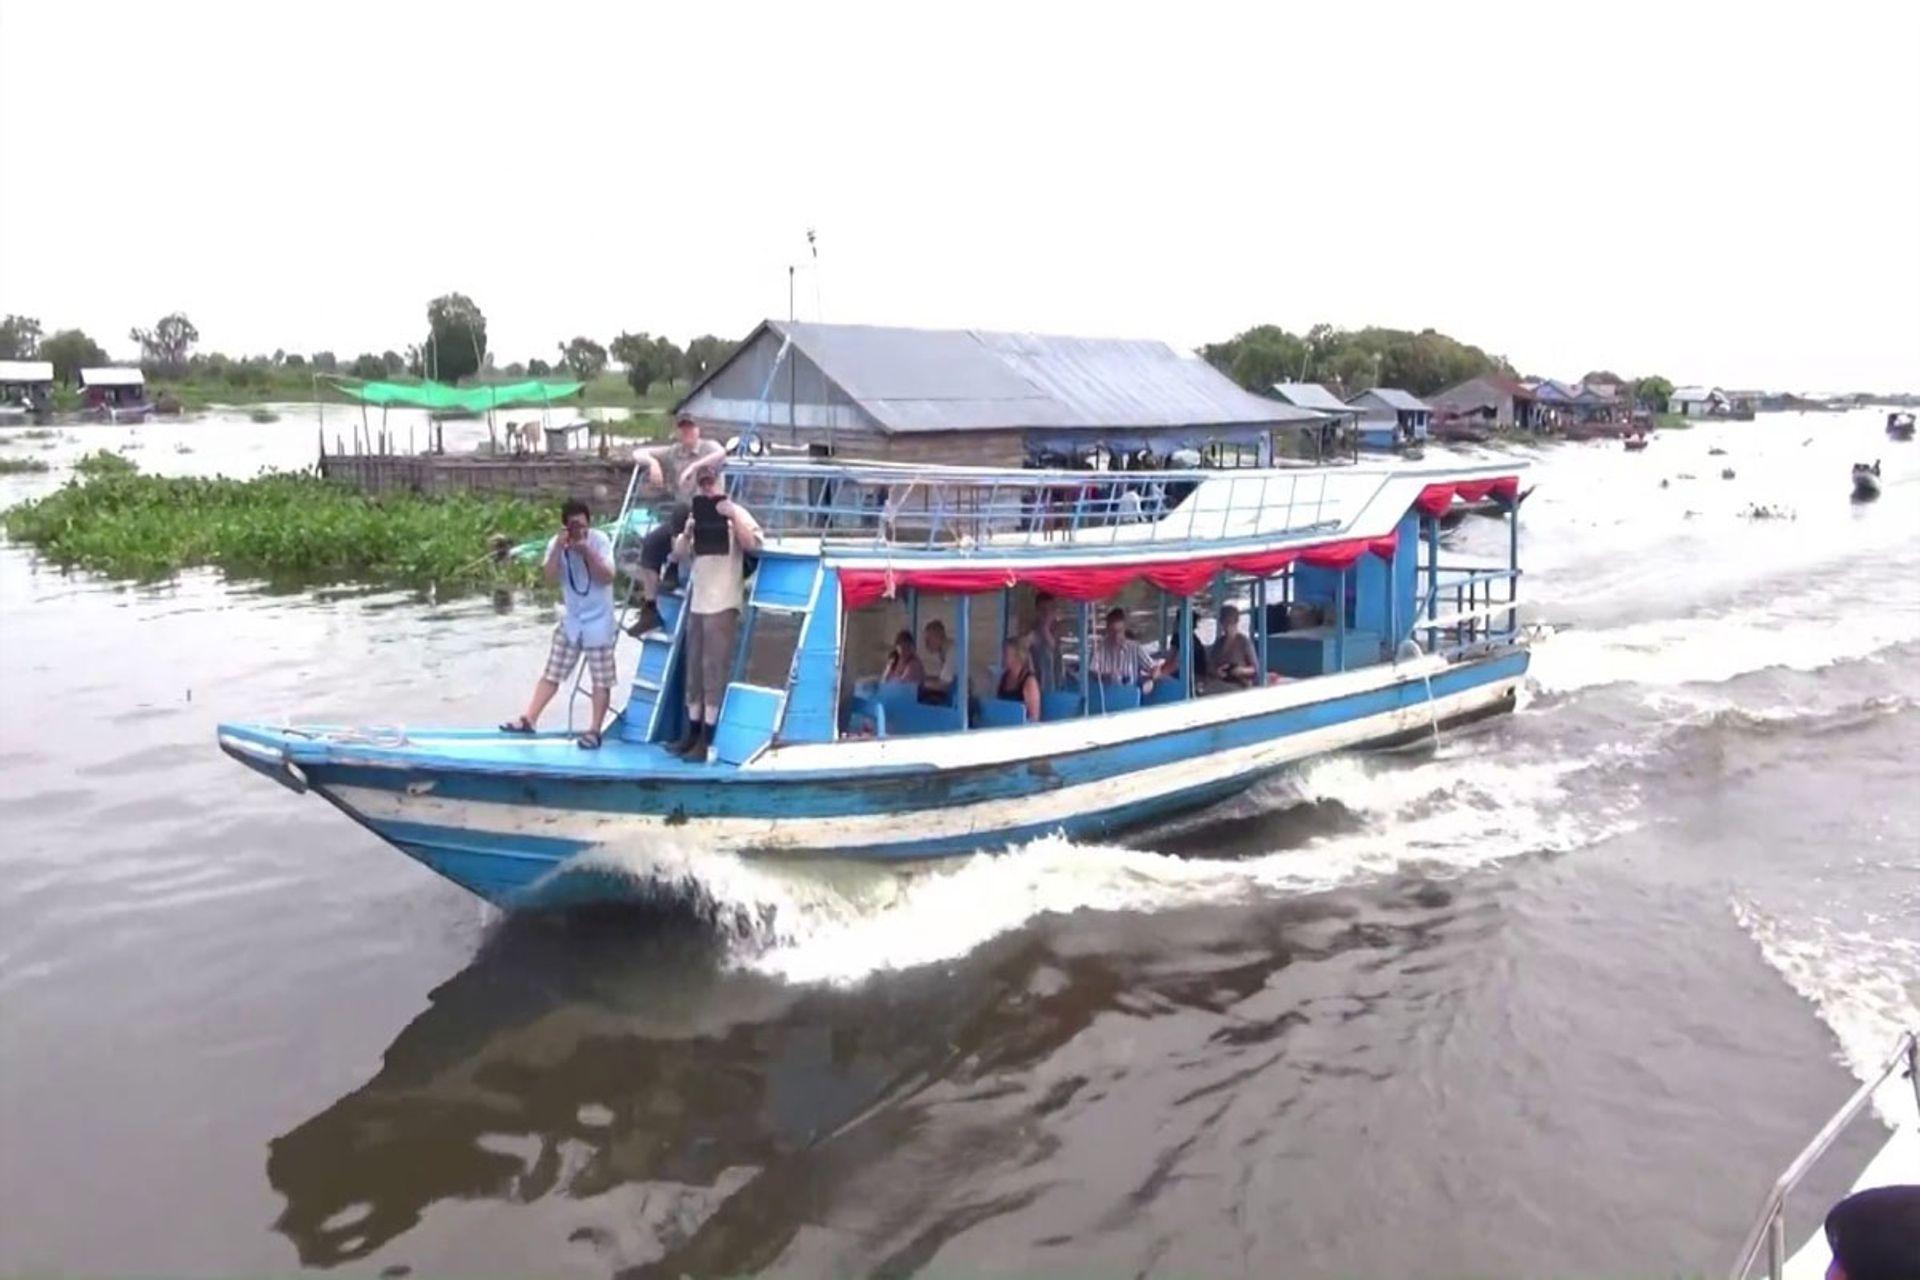 Tham gia một tour du lịch trên sông